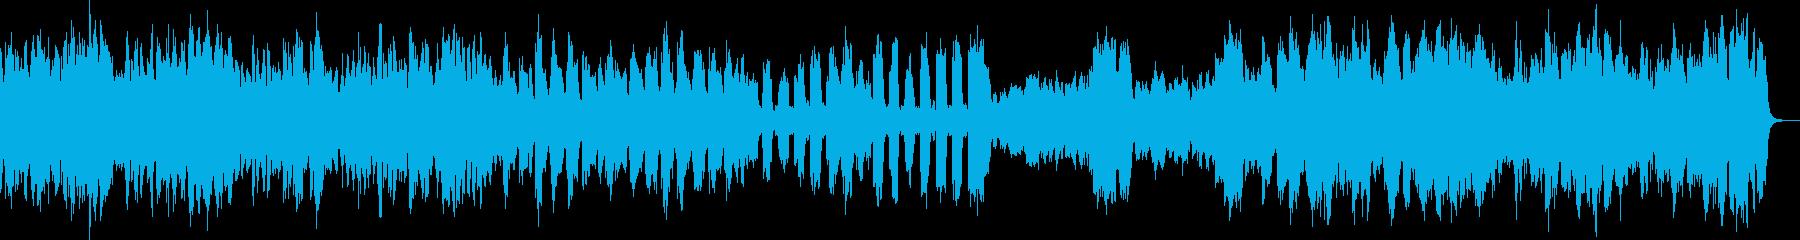 リコーダーの生演奏で優雅な舞踏の音楽の再生済みの波形